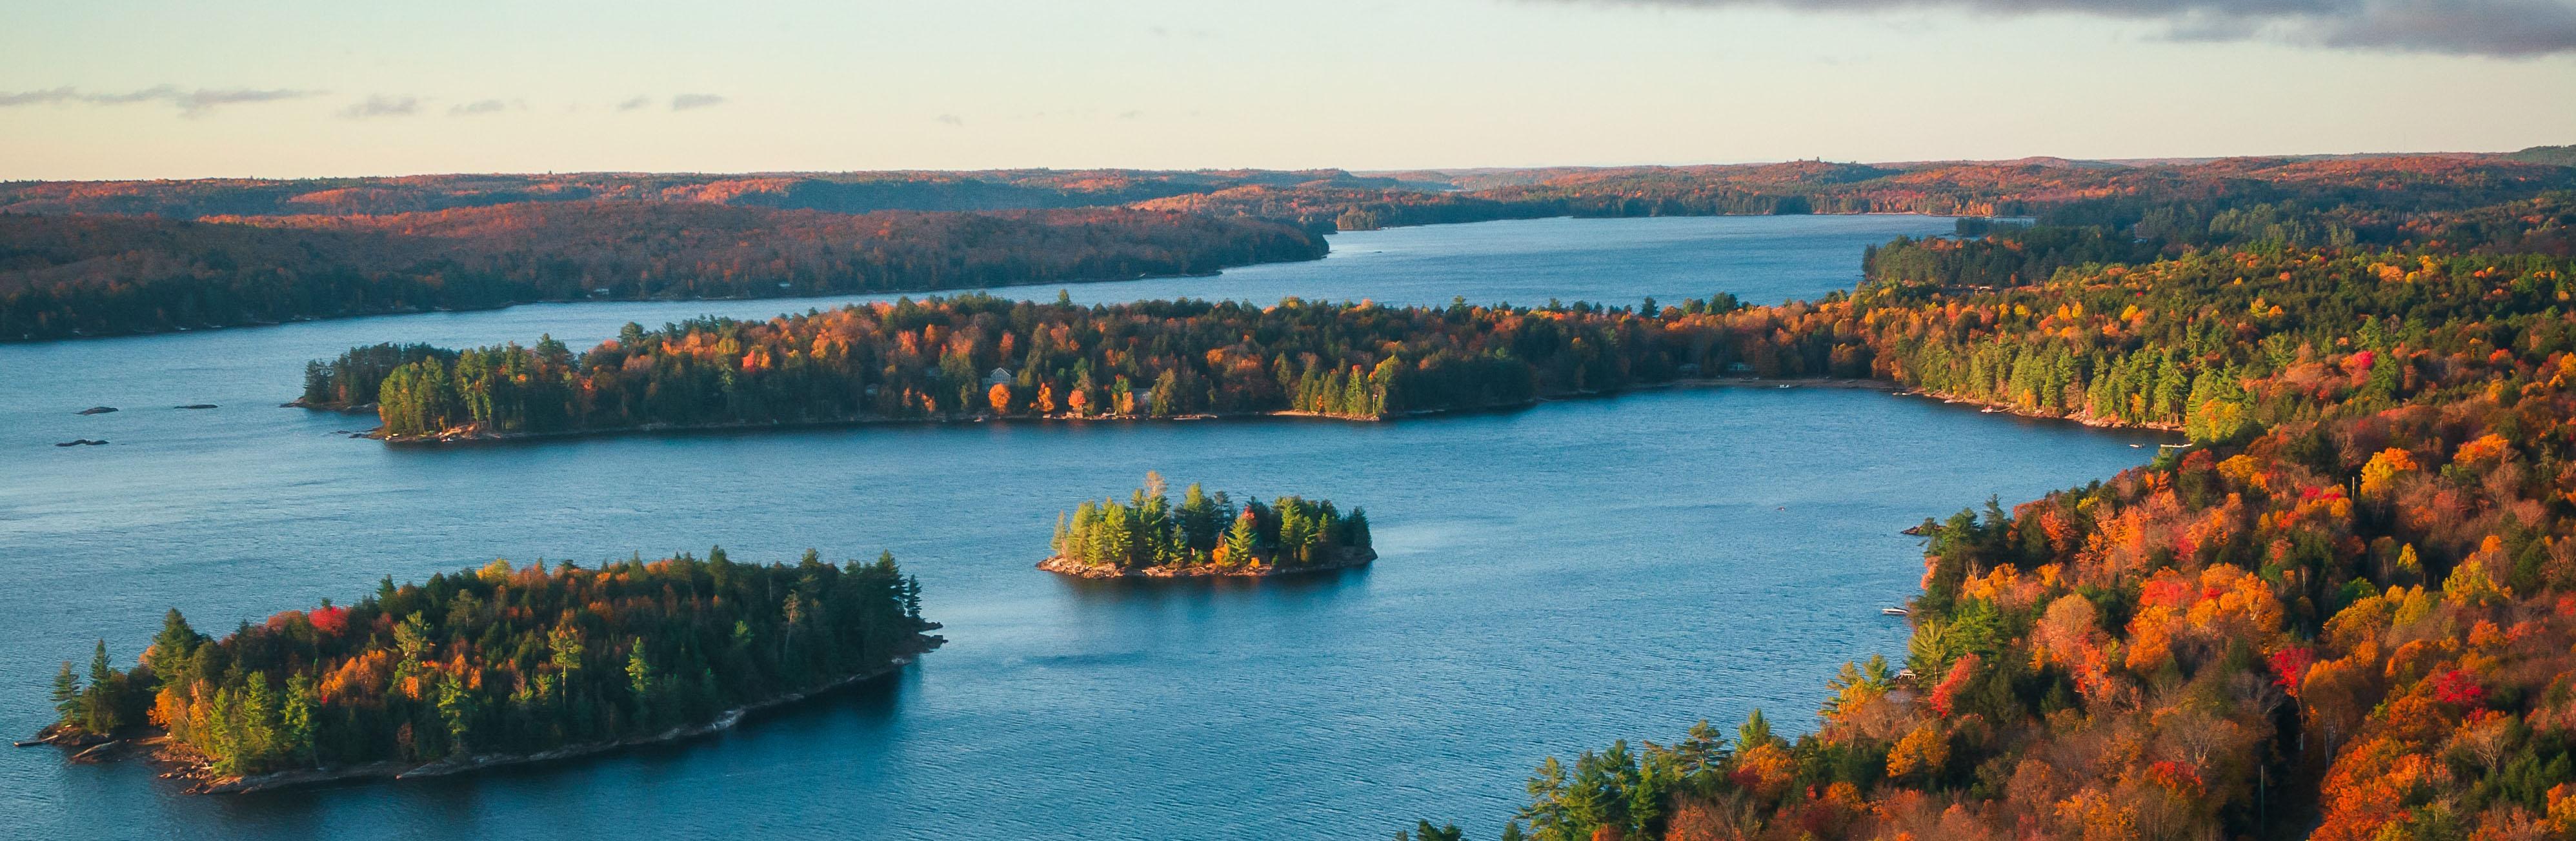 Road Trip Destinations In Ontario